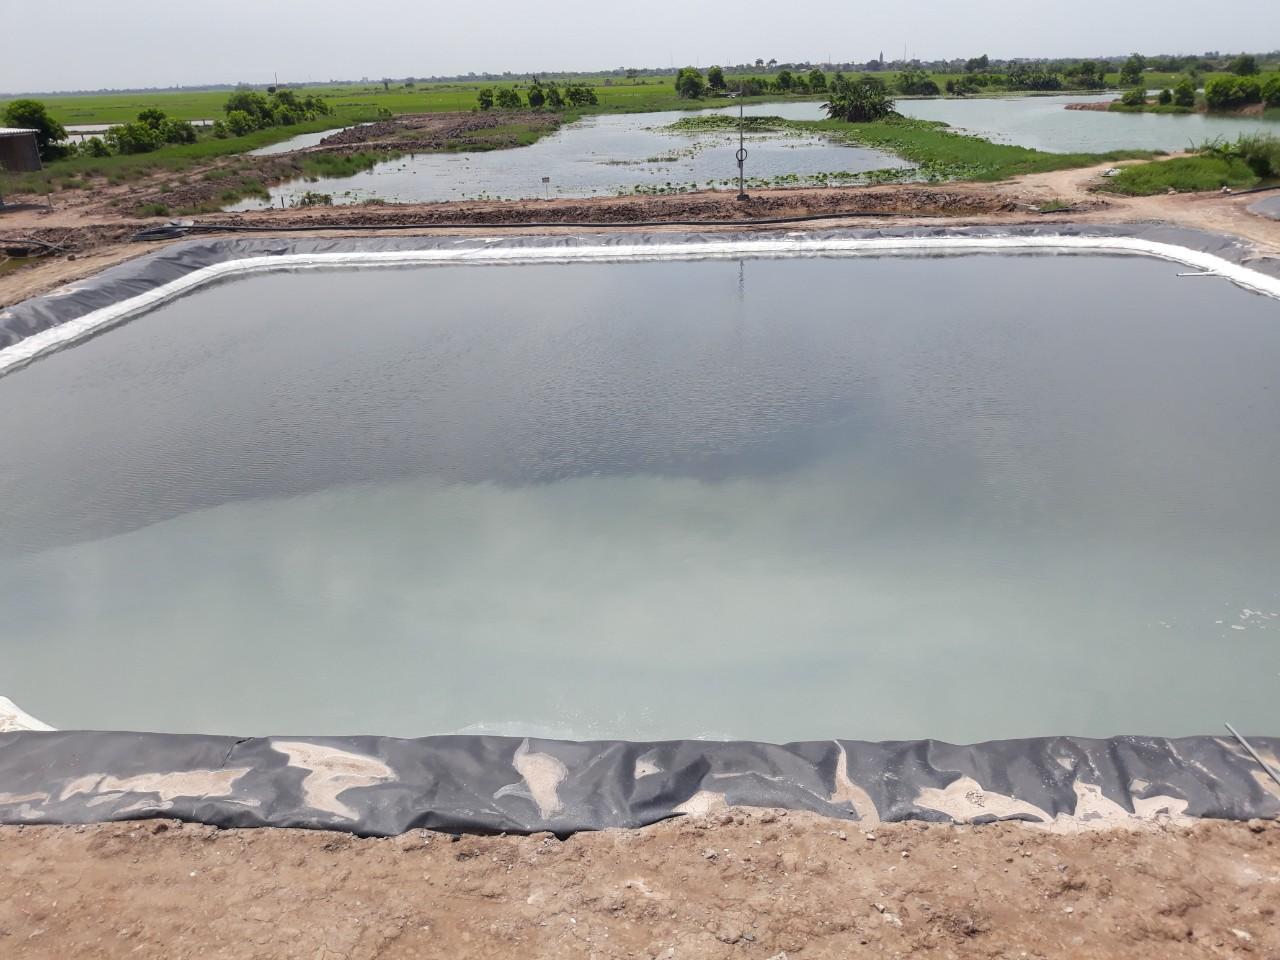 xử lý nước thải chăn nuôi tại Thái Bình